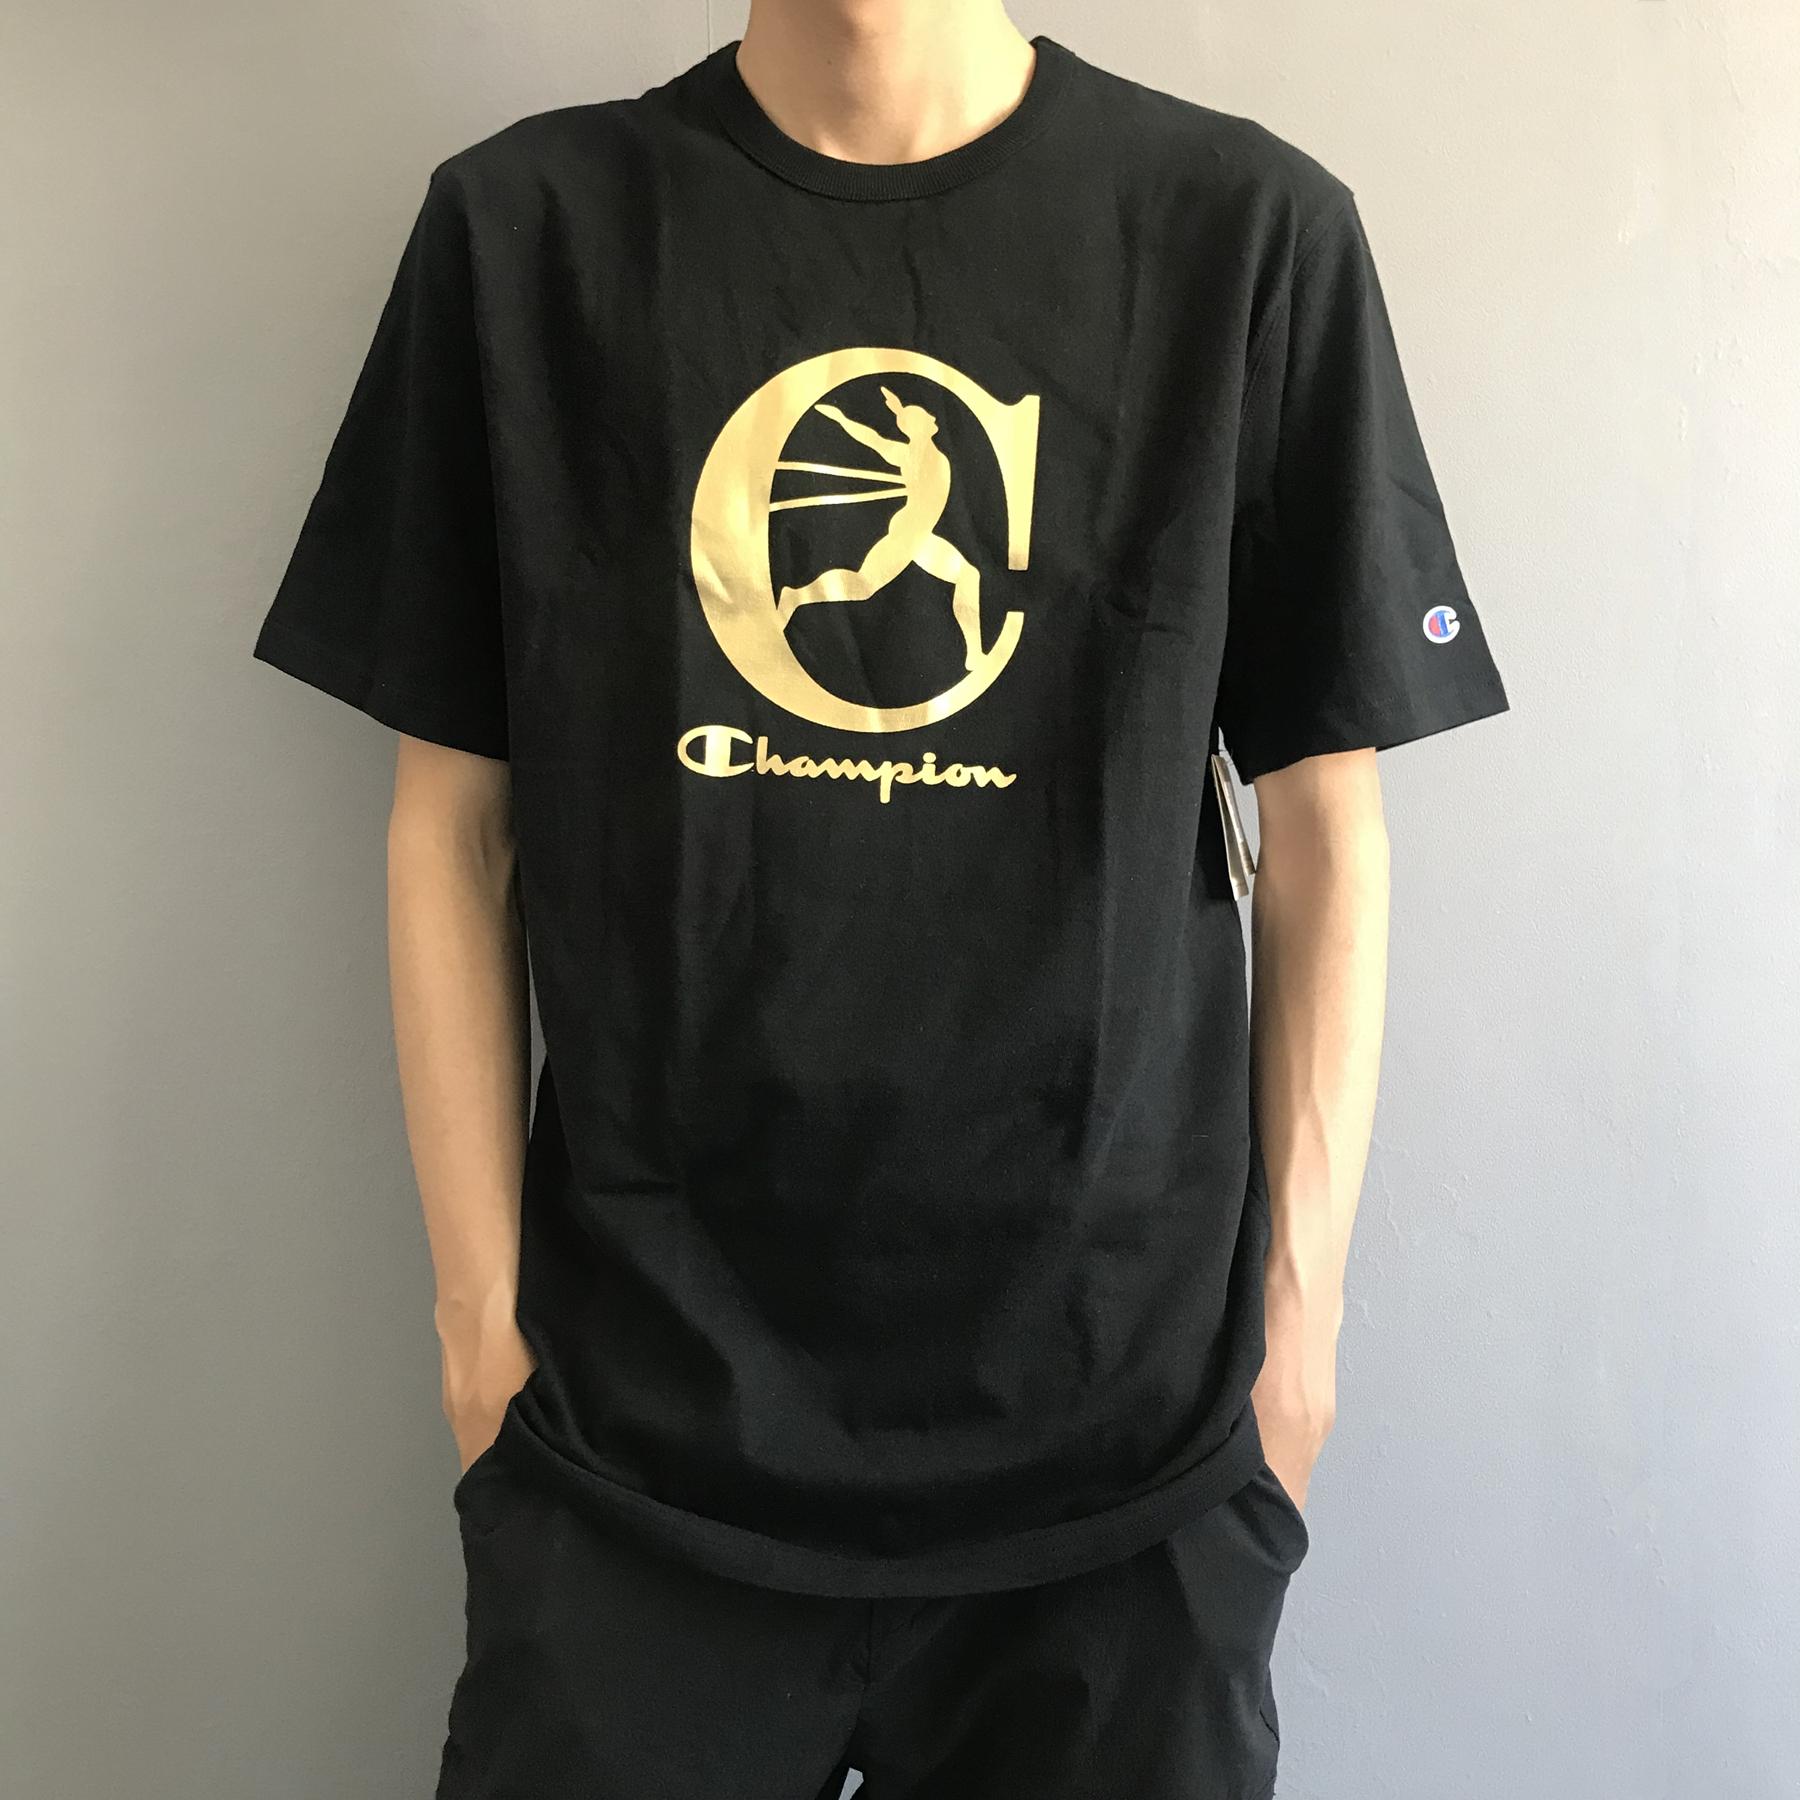 白菜价!#亚马逊海外购#Champion 冠军男士烫金纯棉T恤